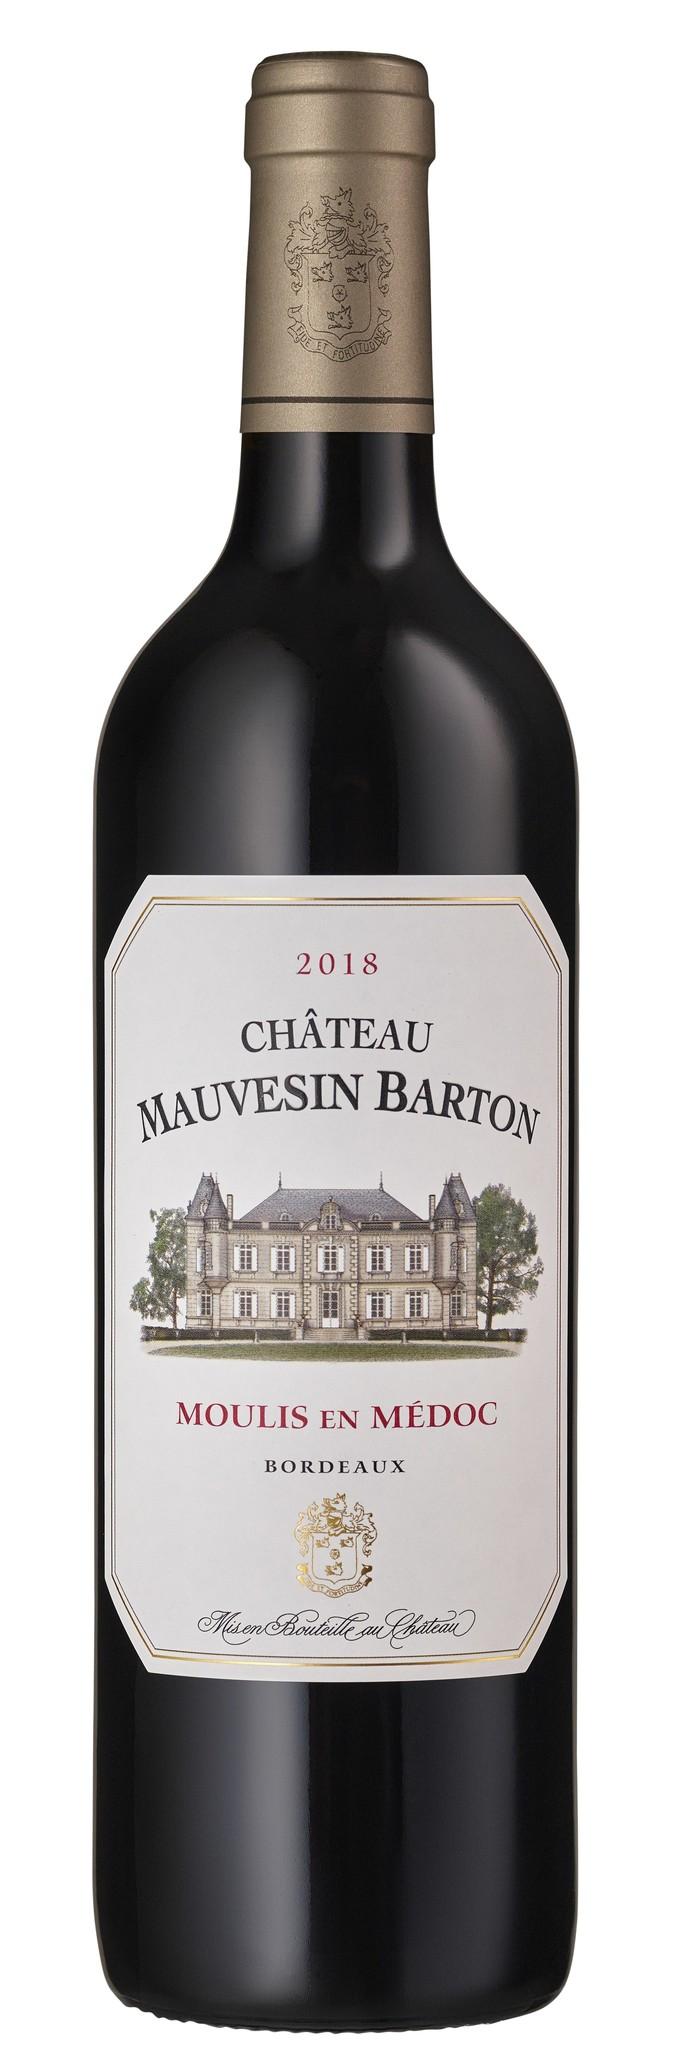 Chateau Mauvesin Barton - Bordeaux 2018 Château Mauvesin Barton, Moulis-en-Médoc